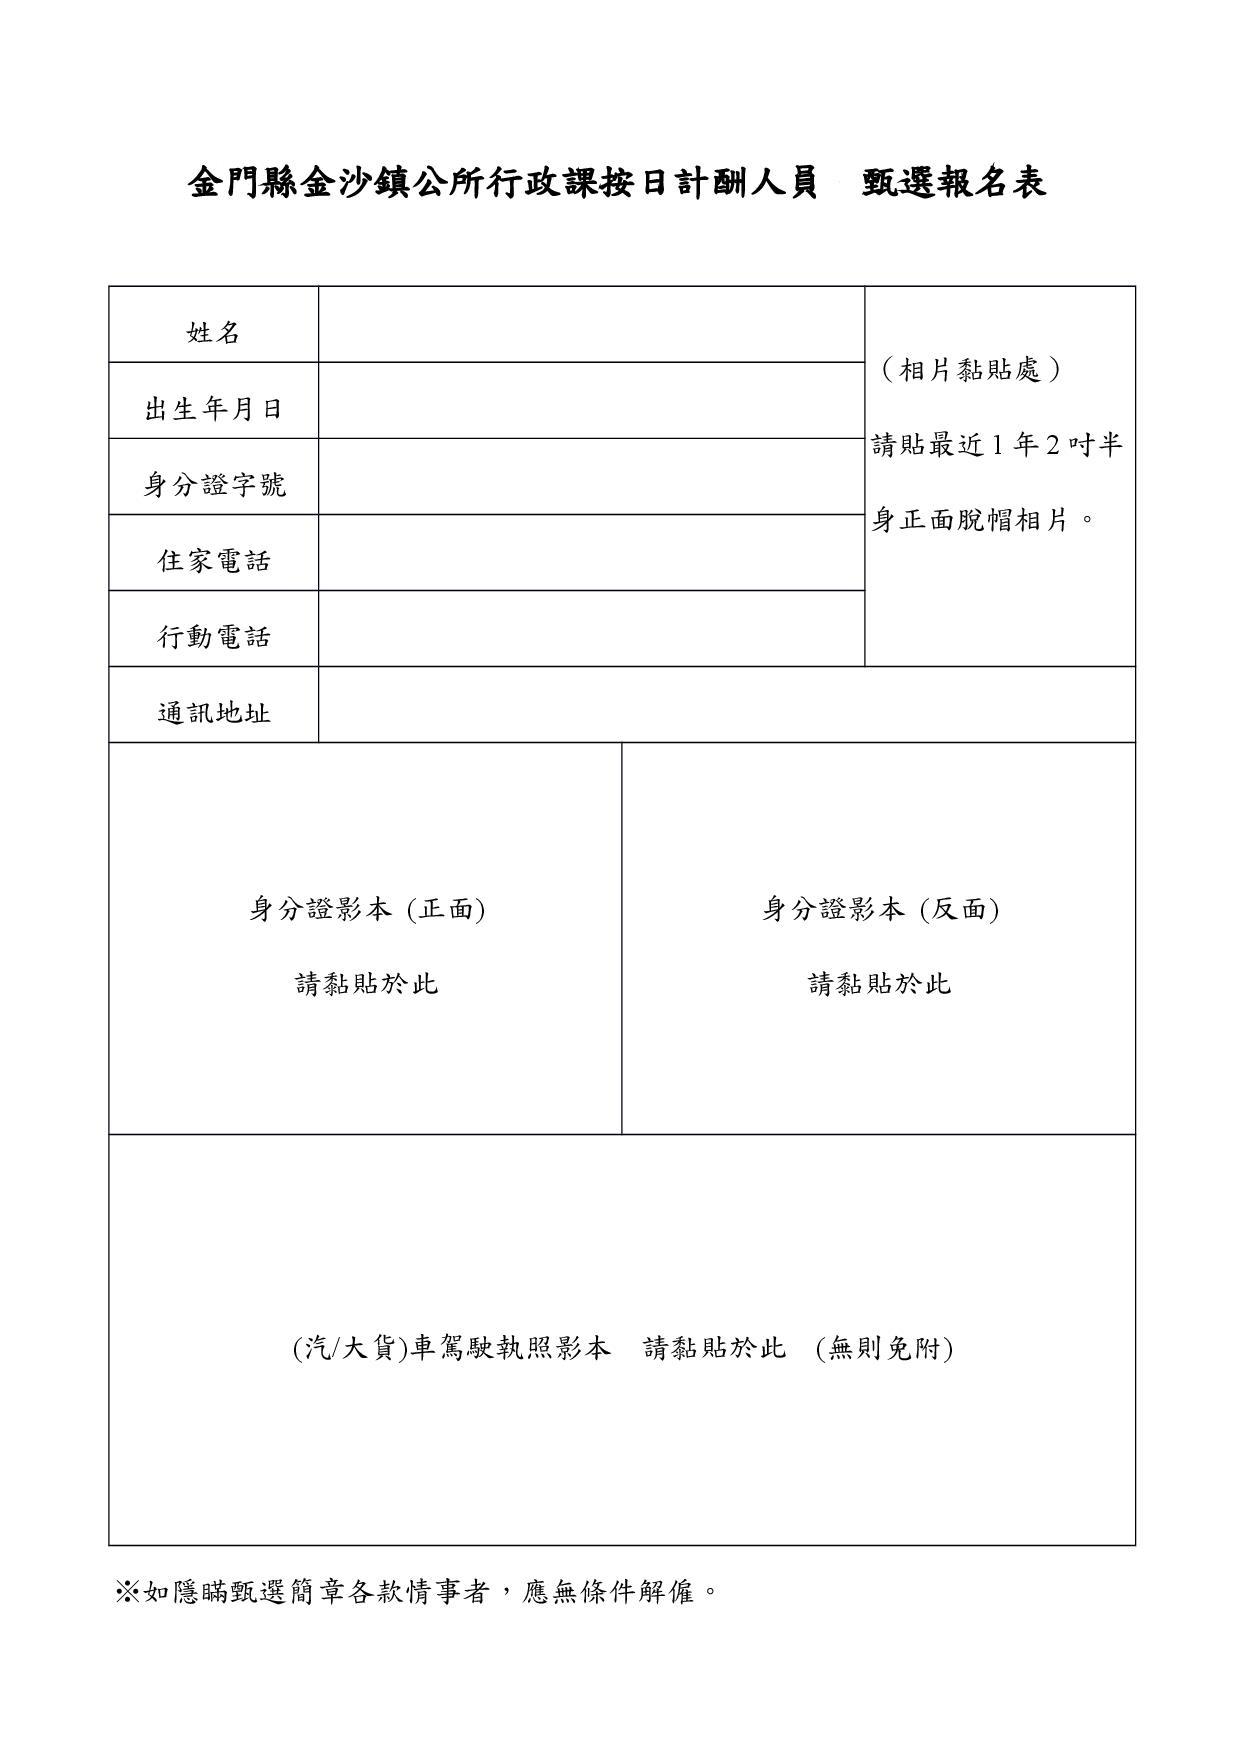 甄選報名表1080220